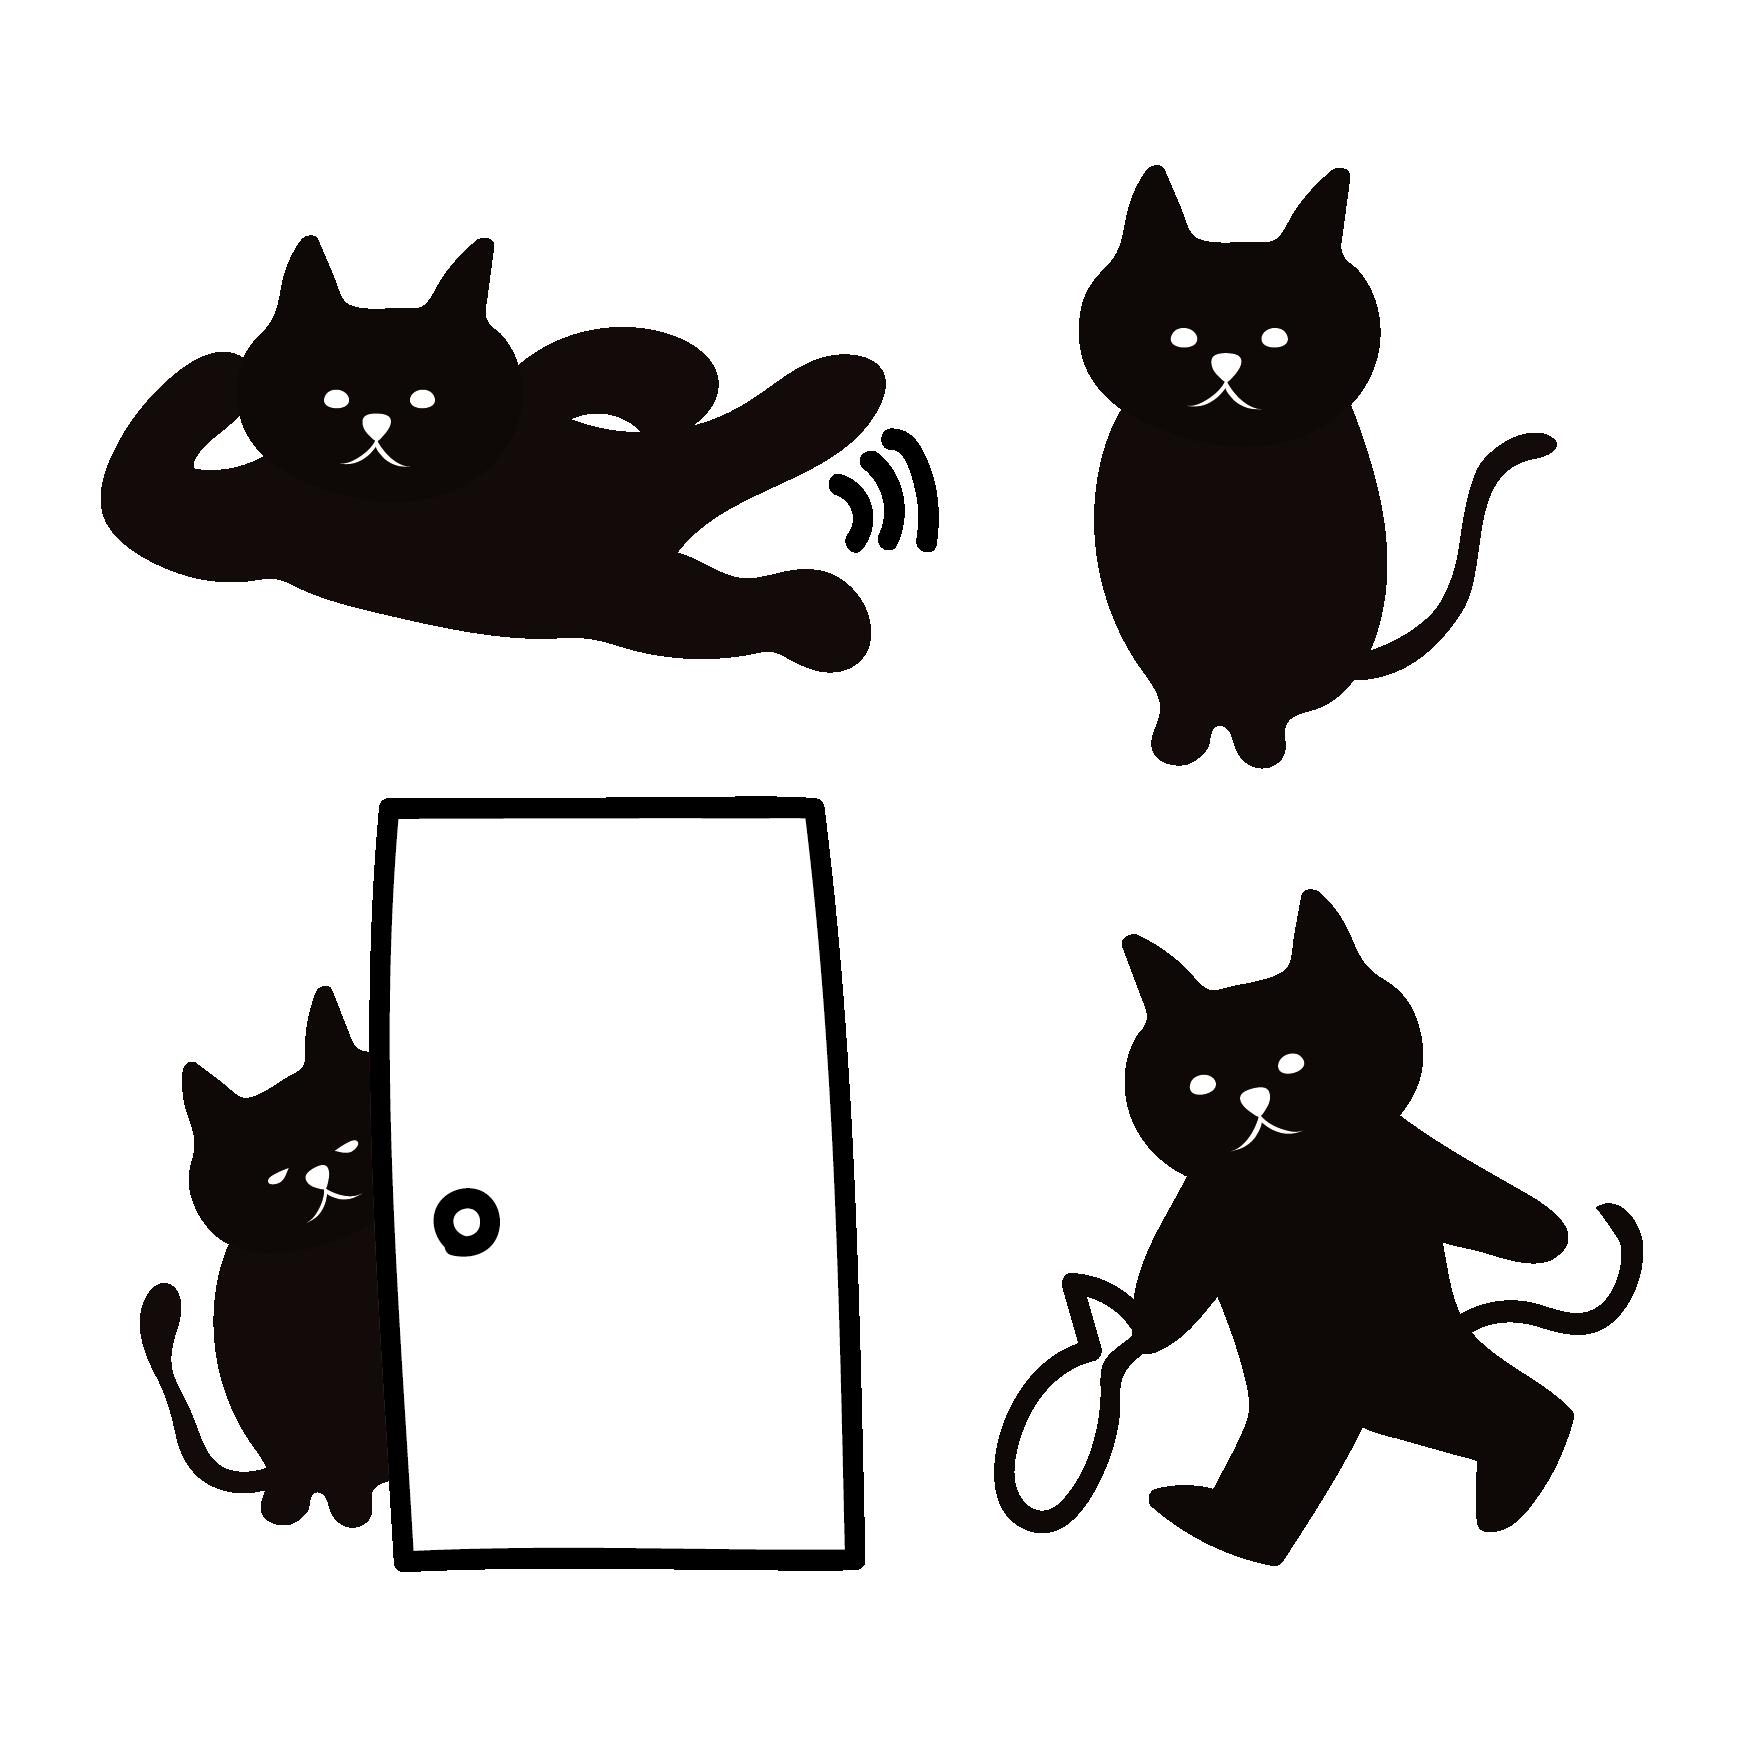 黒猫(くろねこ・ブラックキャット)の4つの日常イラスト | 商用